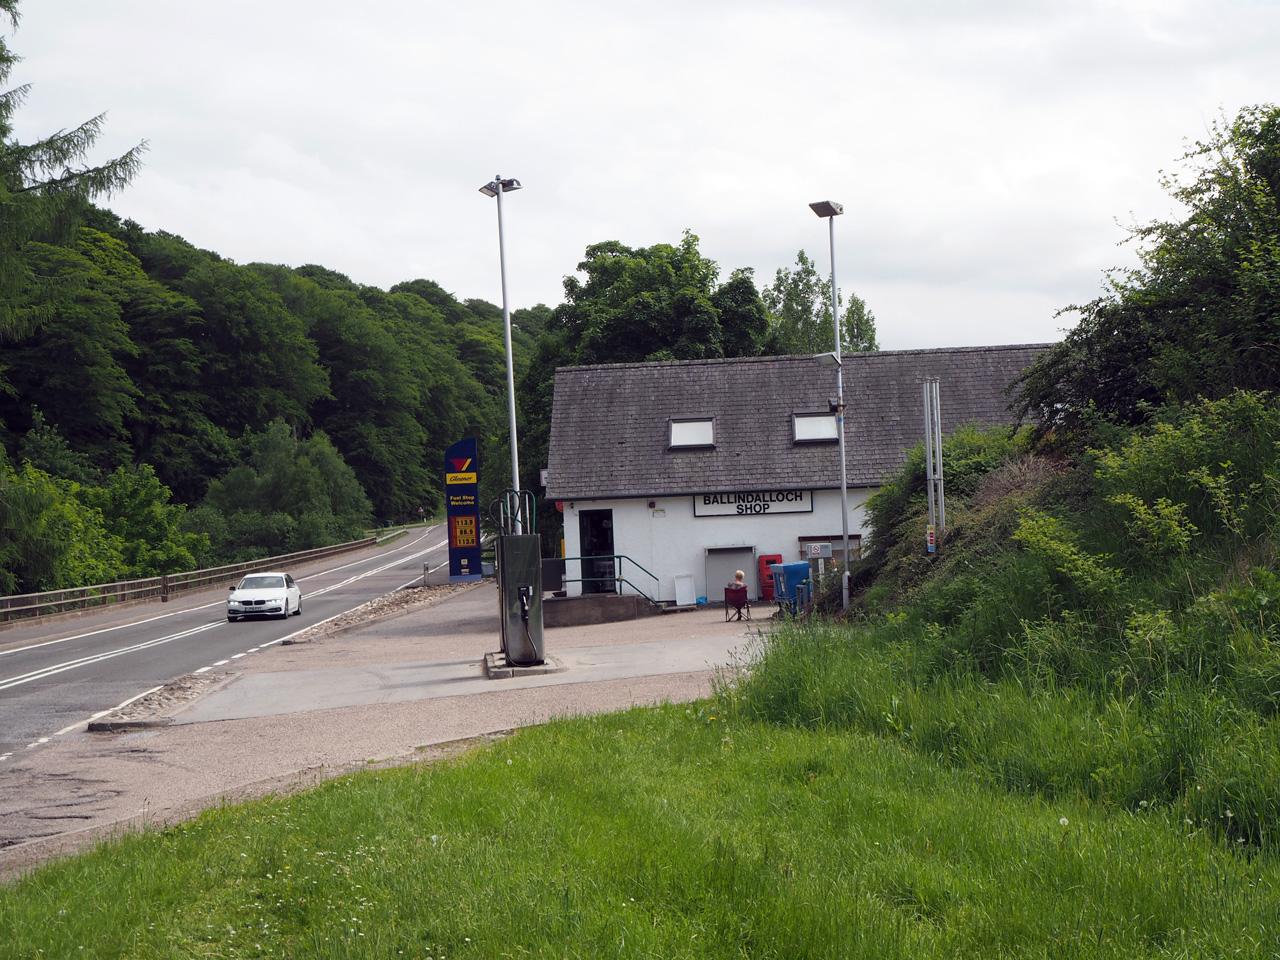 benzinestation annex supermarkt in Ballindalloch